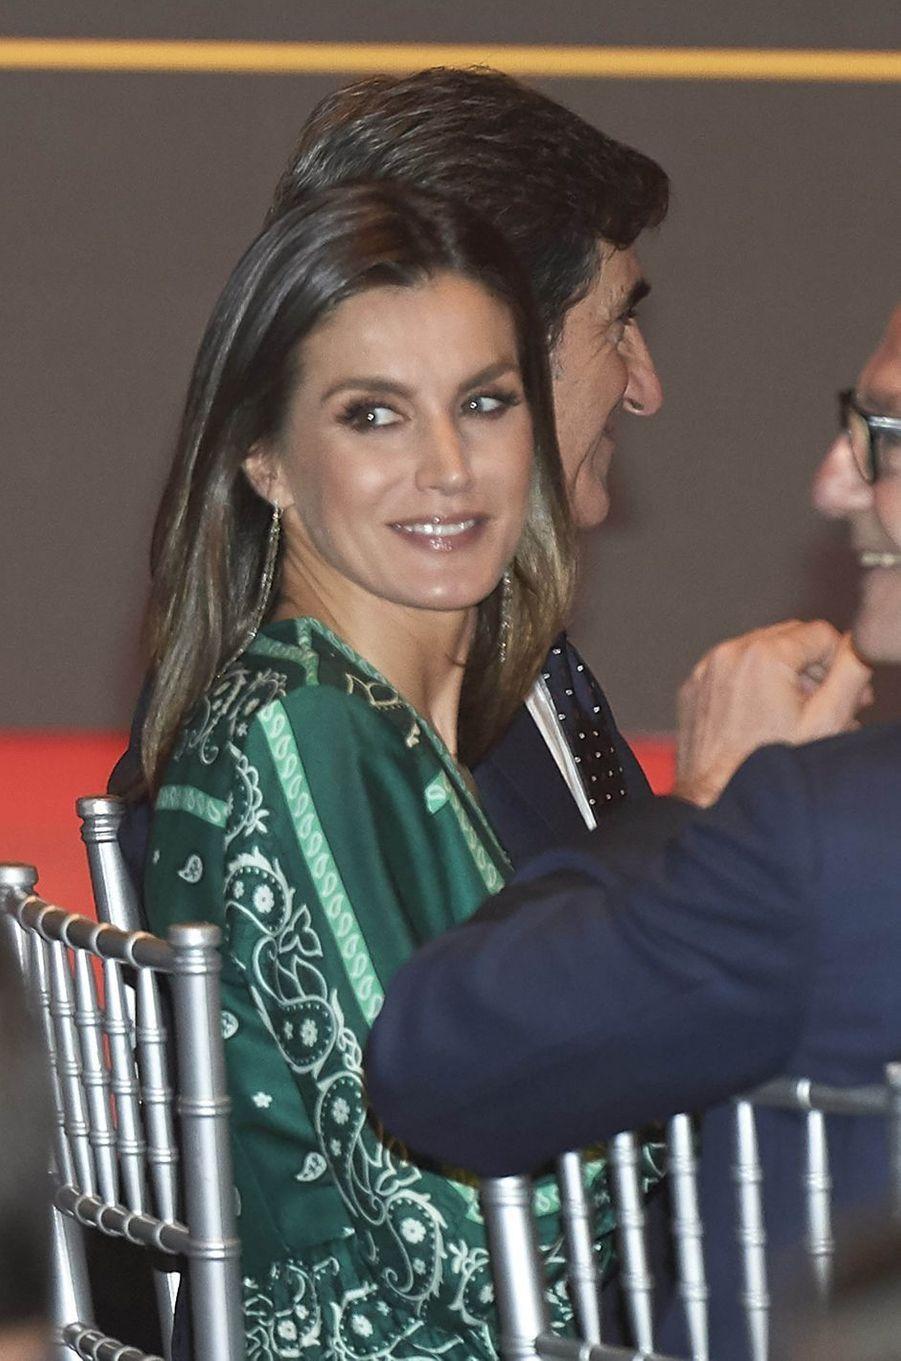 La reine Letizia d'Espagne à Madrid, le 13 décembre 2018